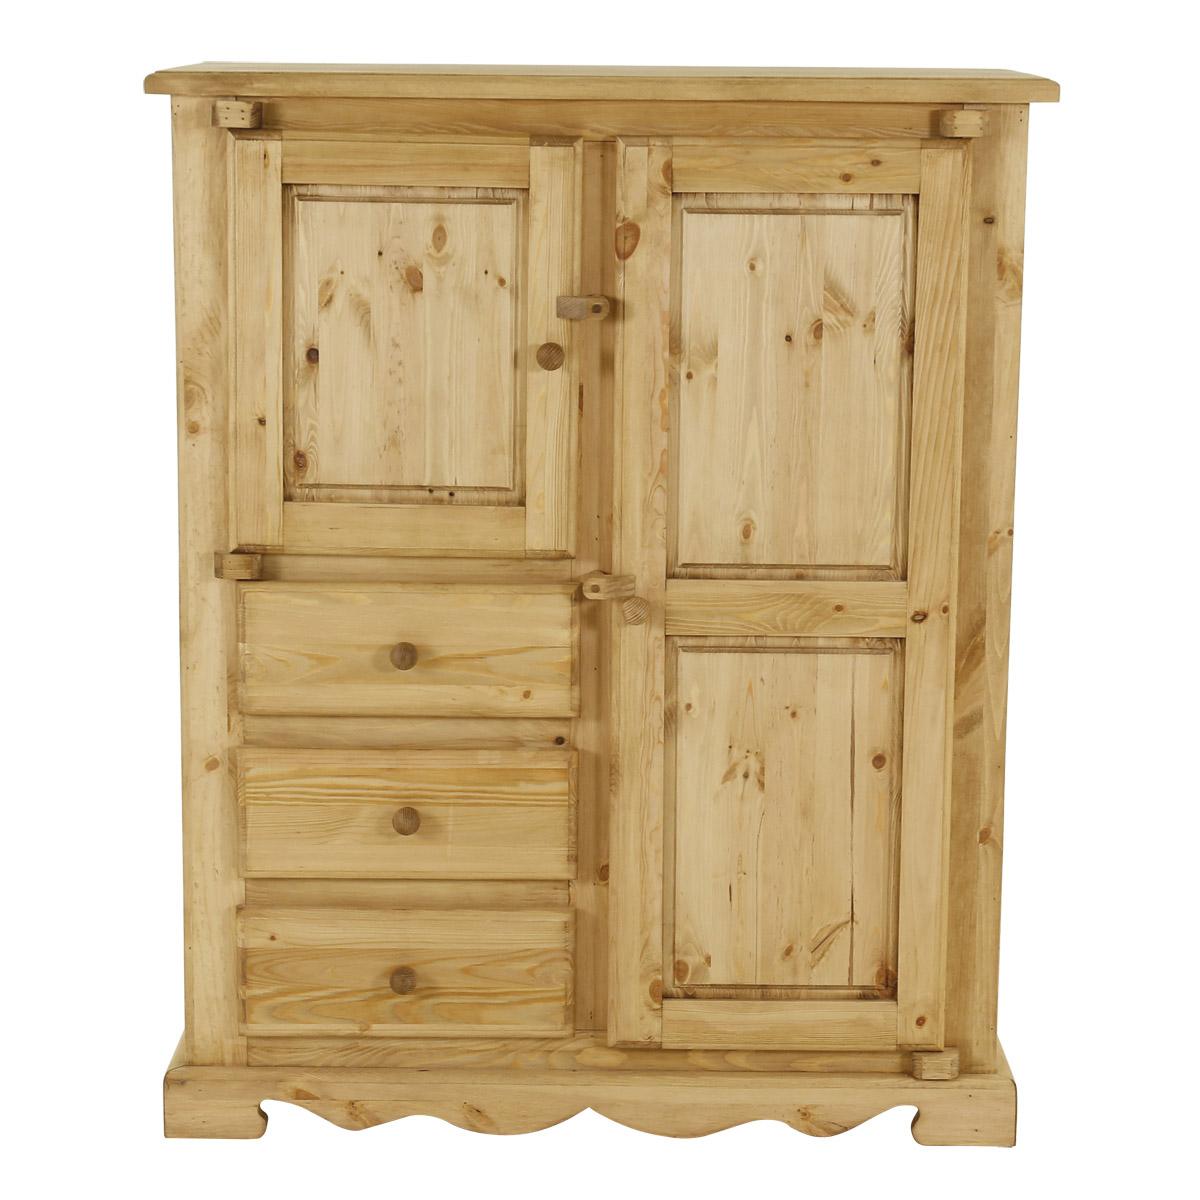 Bahut rustique en pin massif 2 portes + 3 tiroirs avec charnières bois